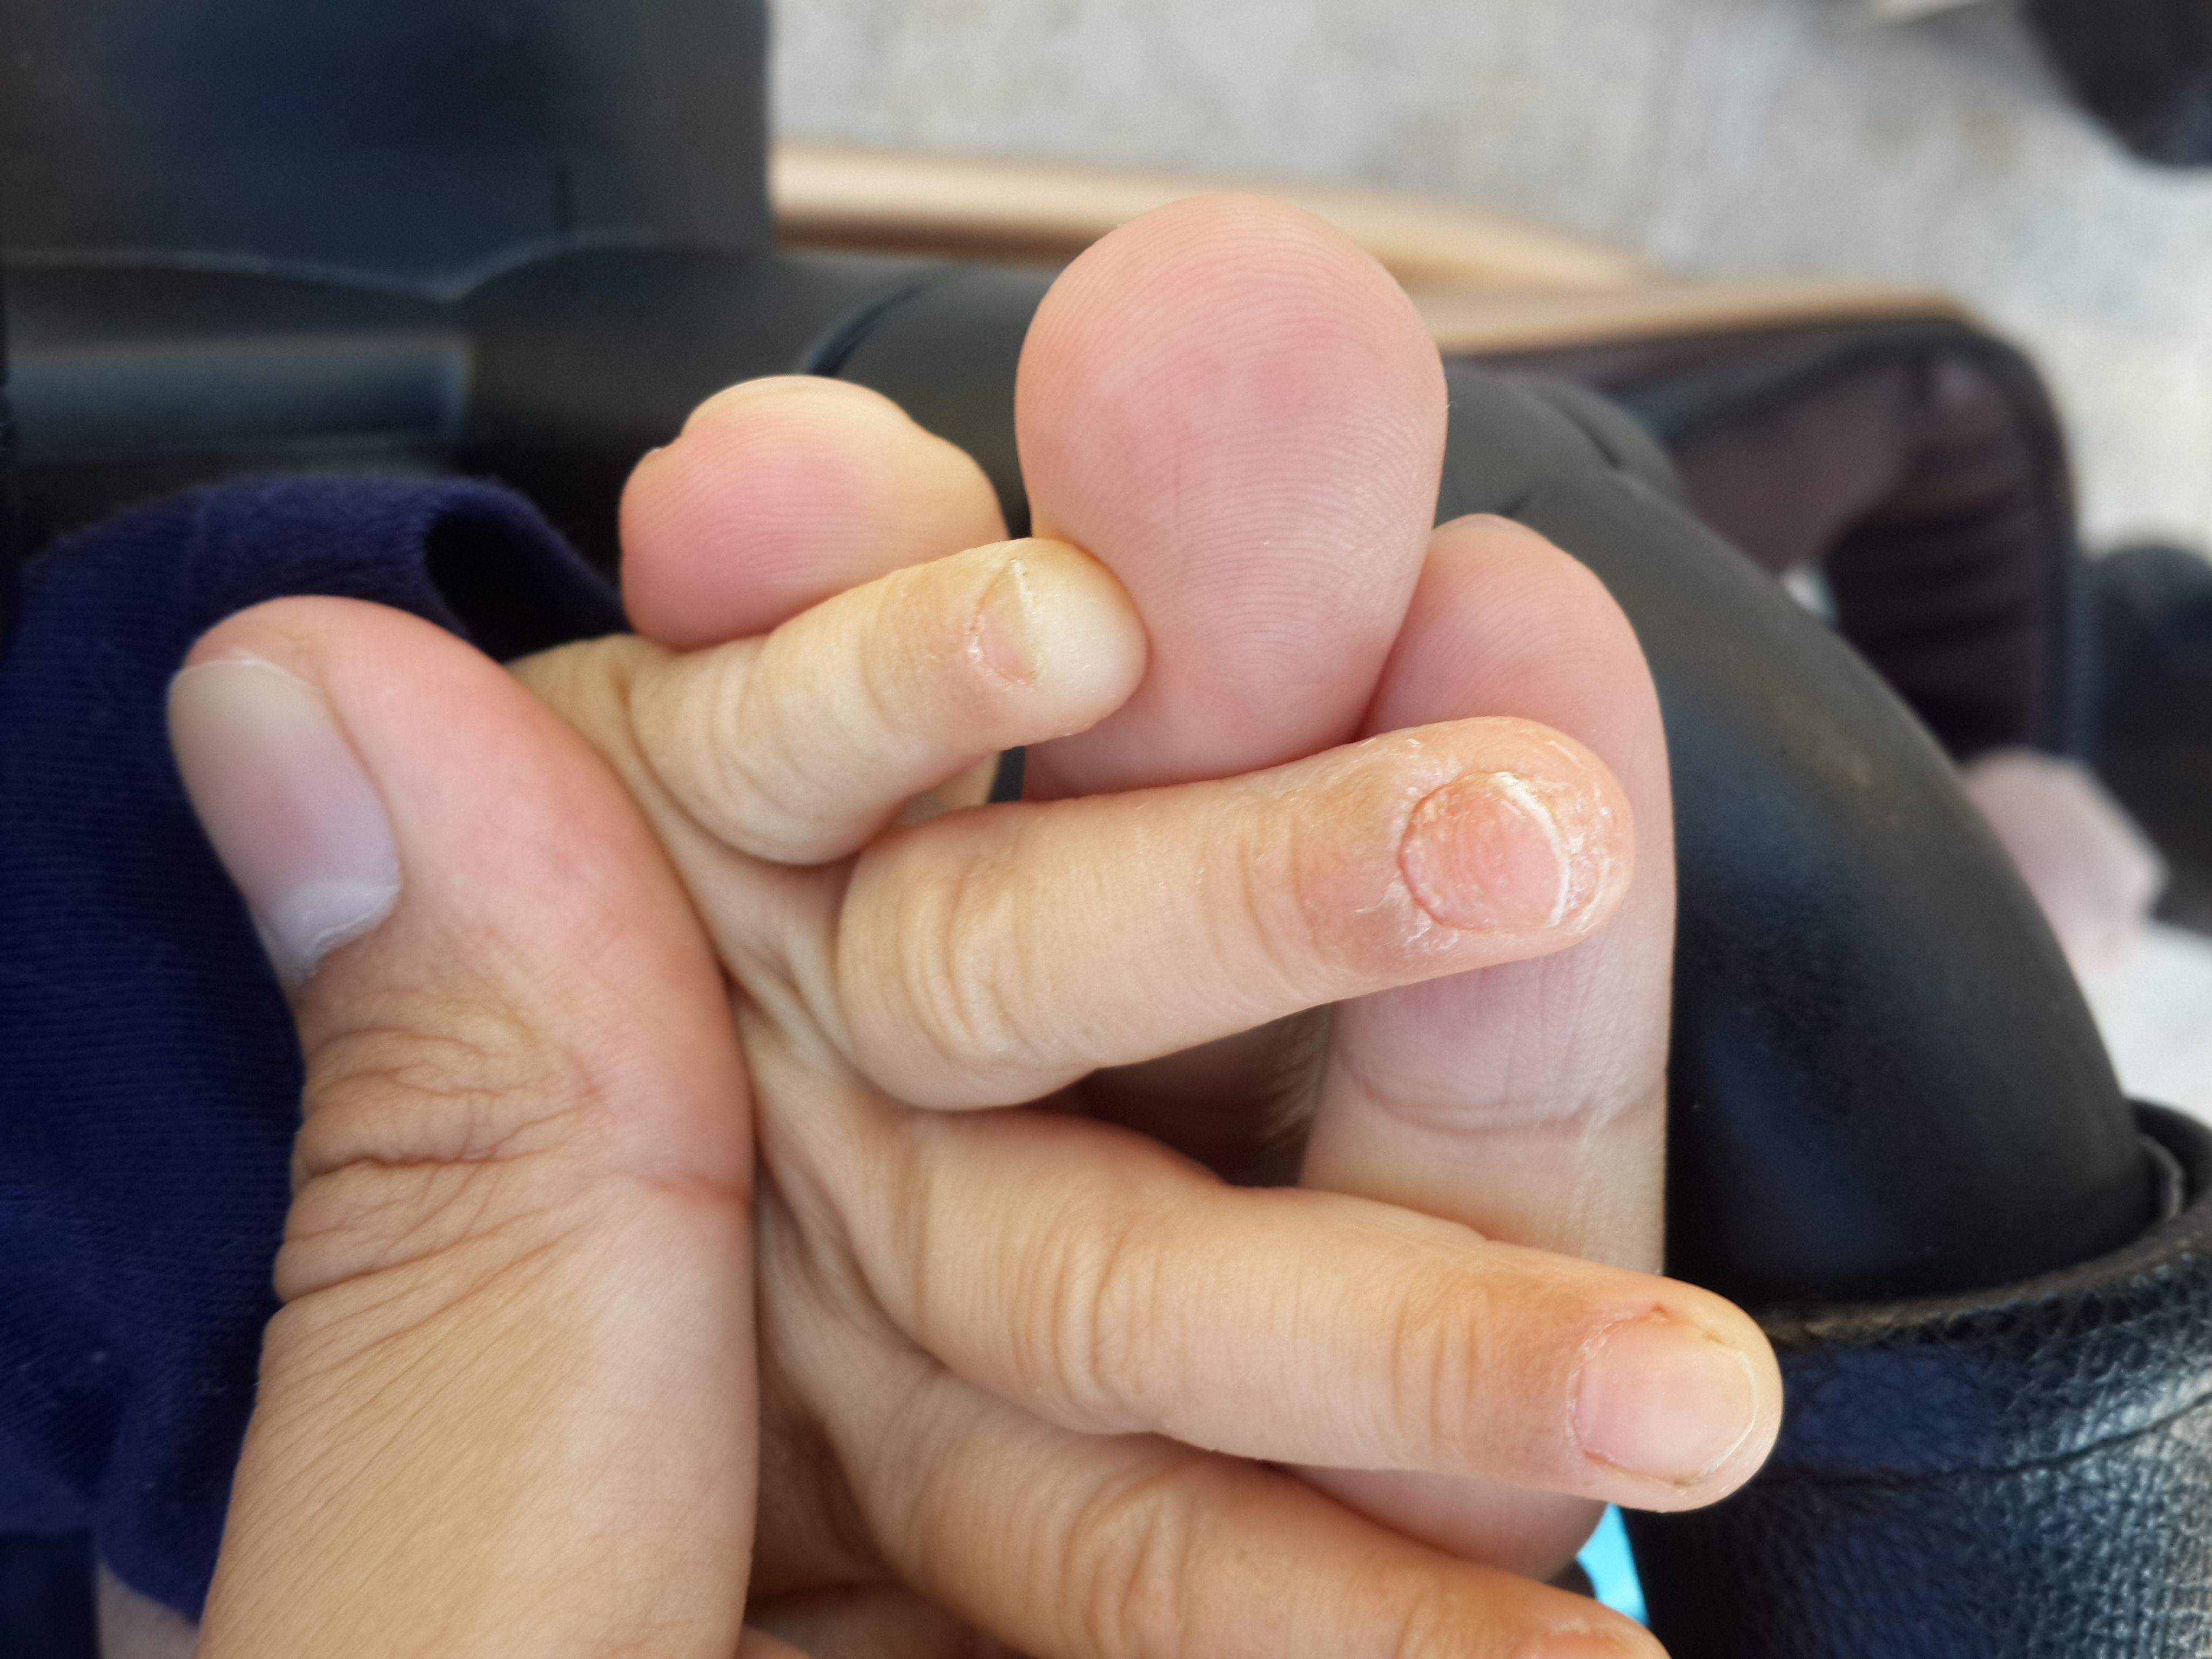 湿疹反反复复,治不好怎么办?医生建议,做好这3点就可有效预防